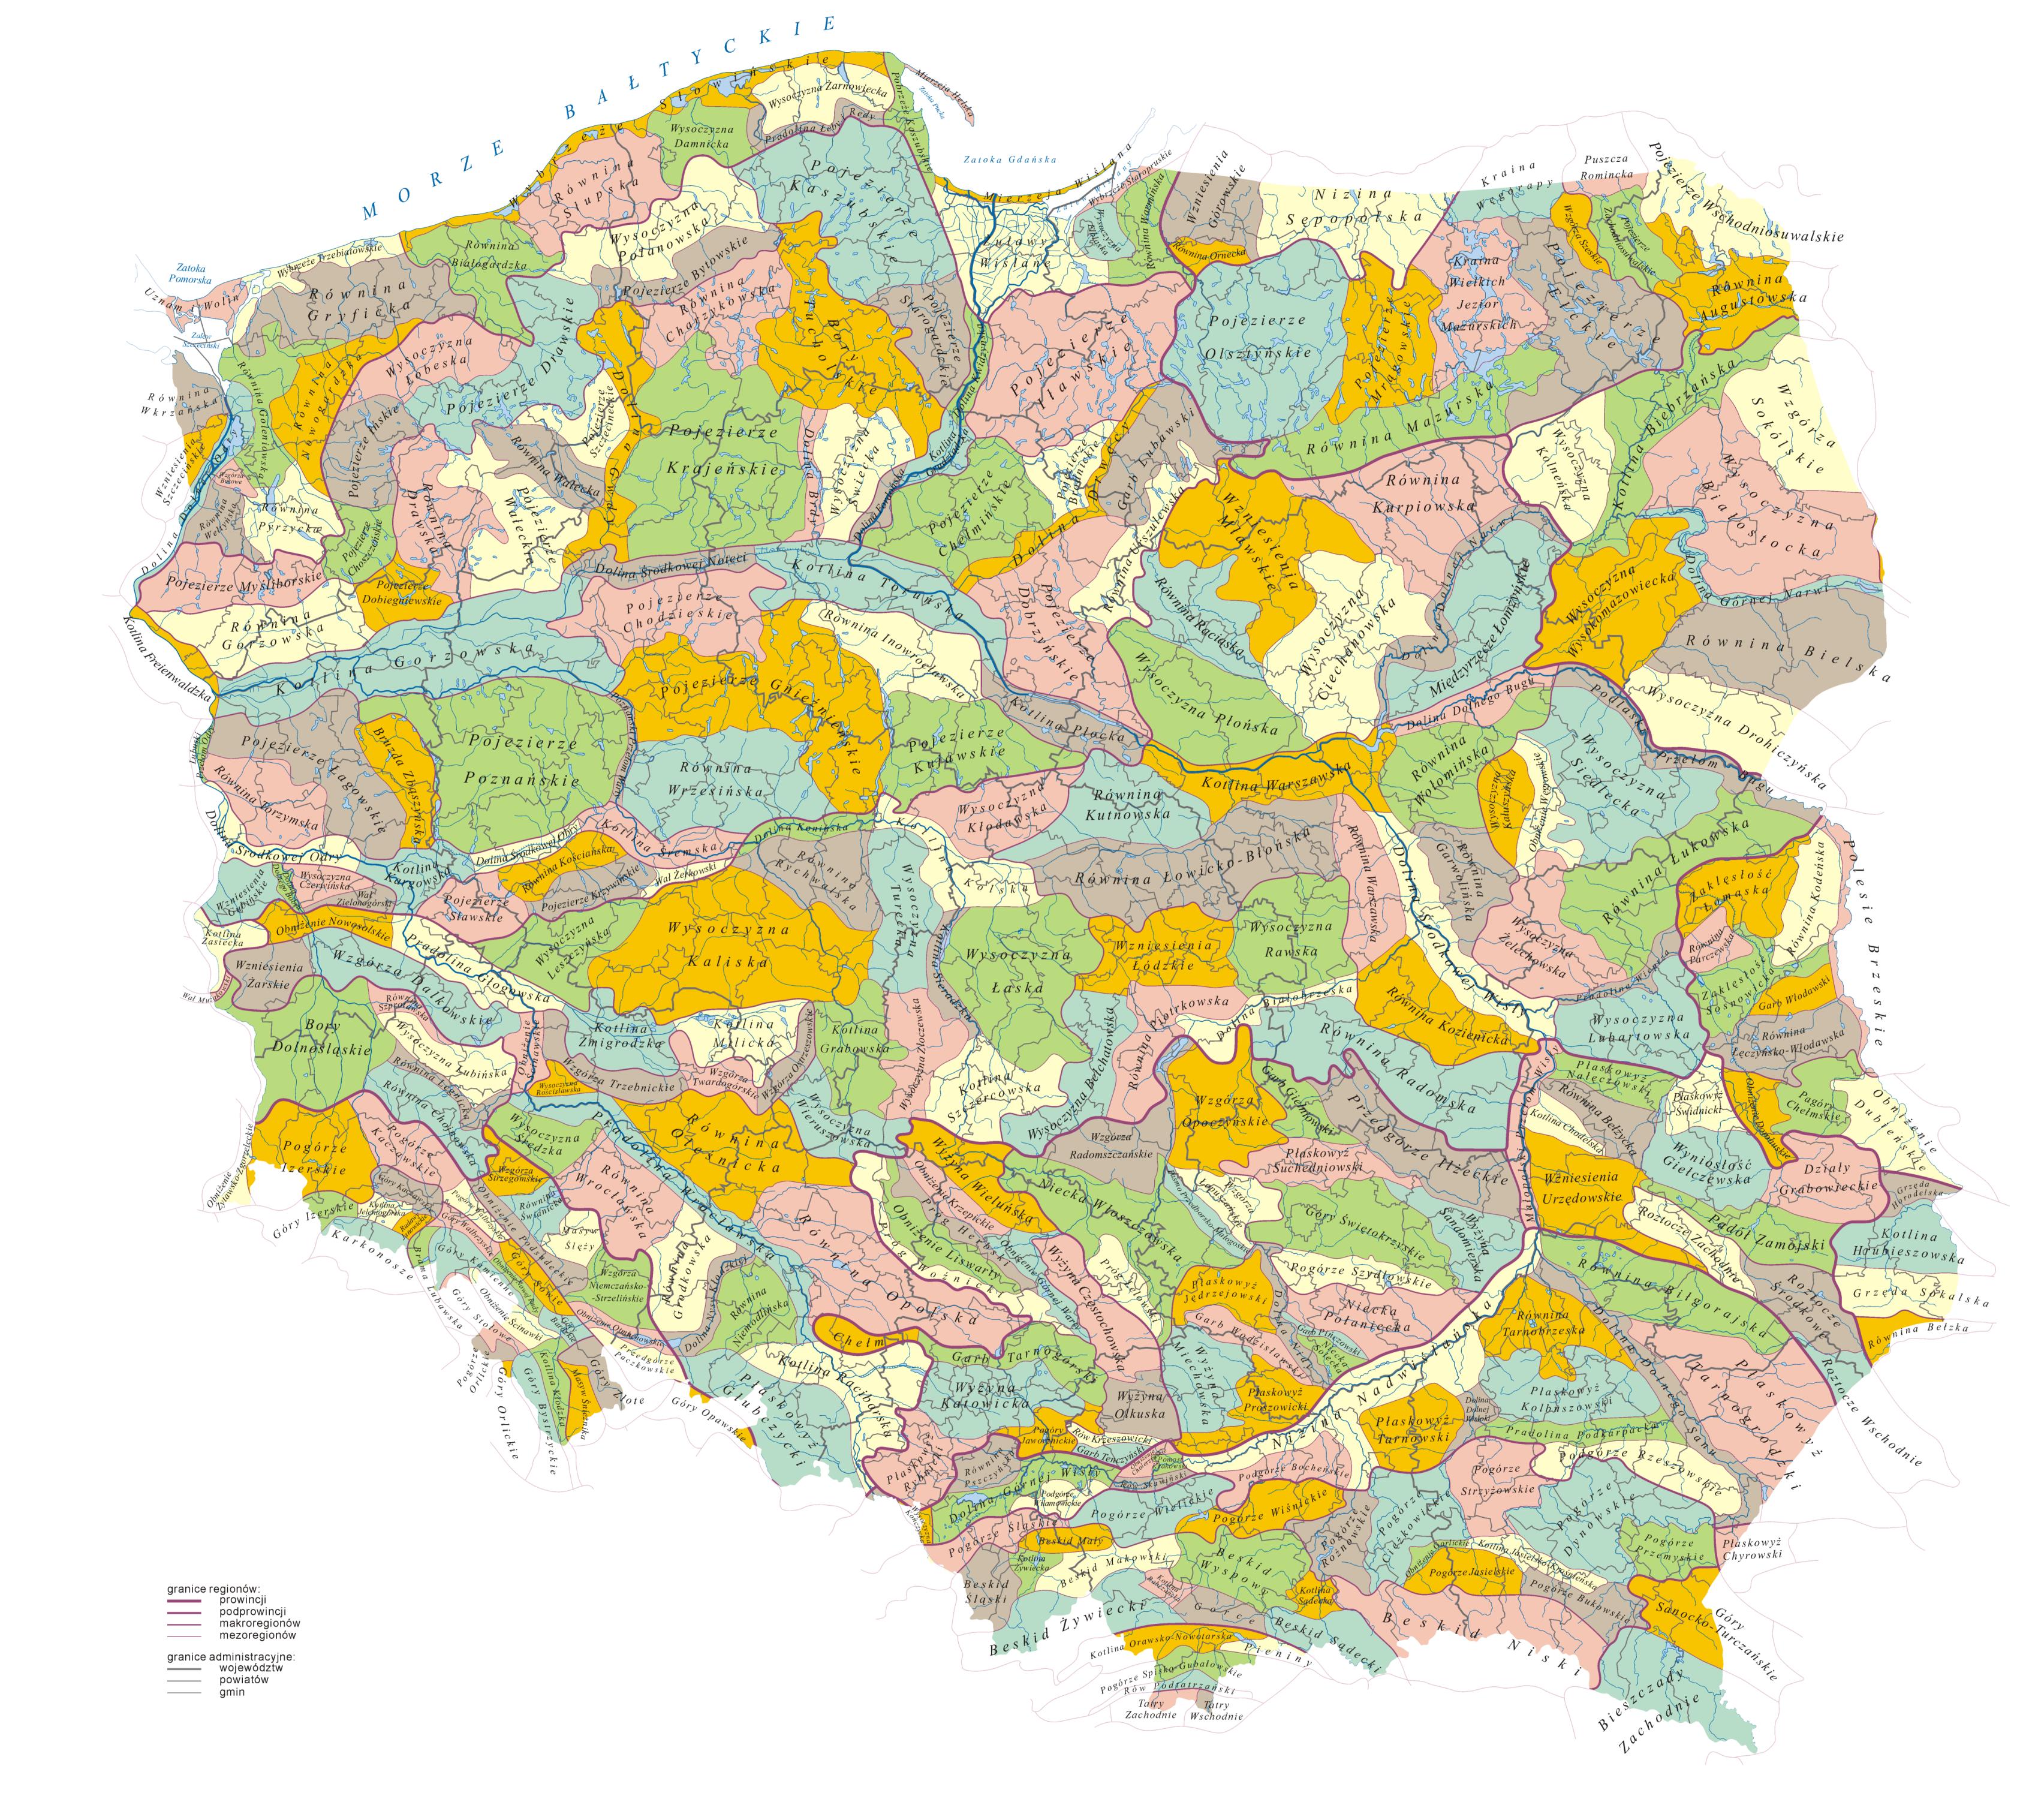 Krainy Geograficzne W Polsce Wikipedia Wolna Encyklopedia